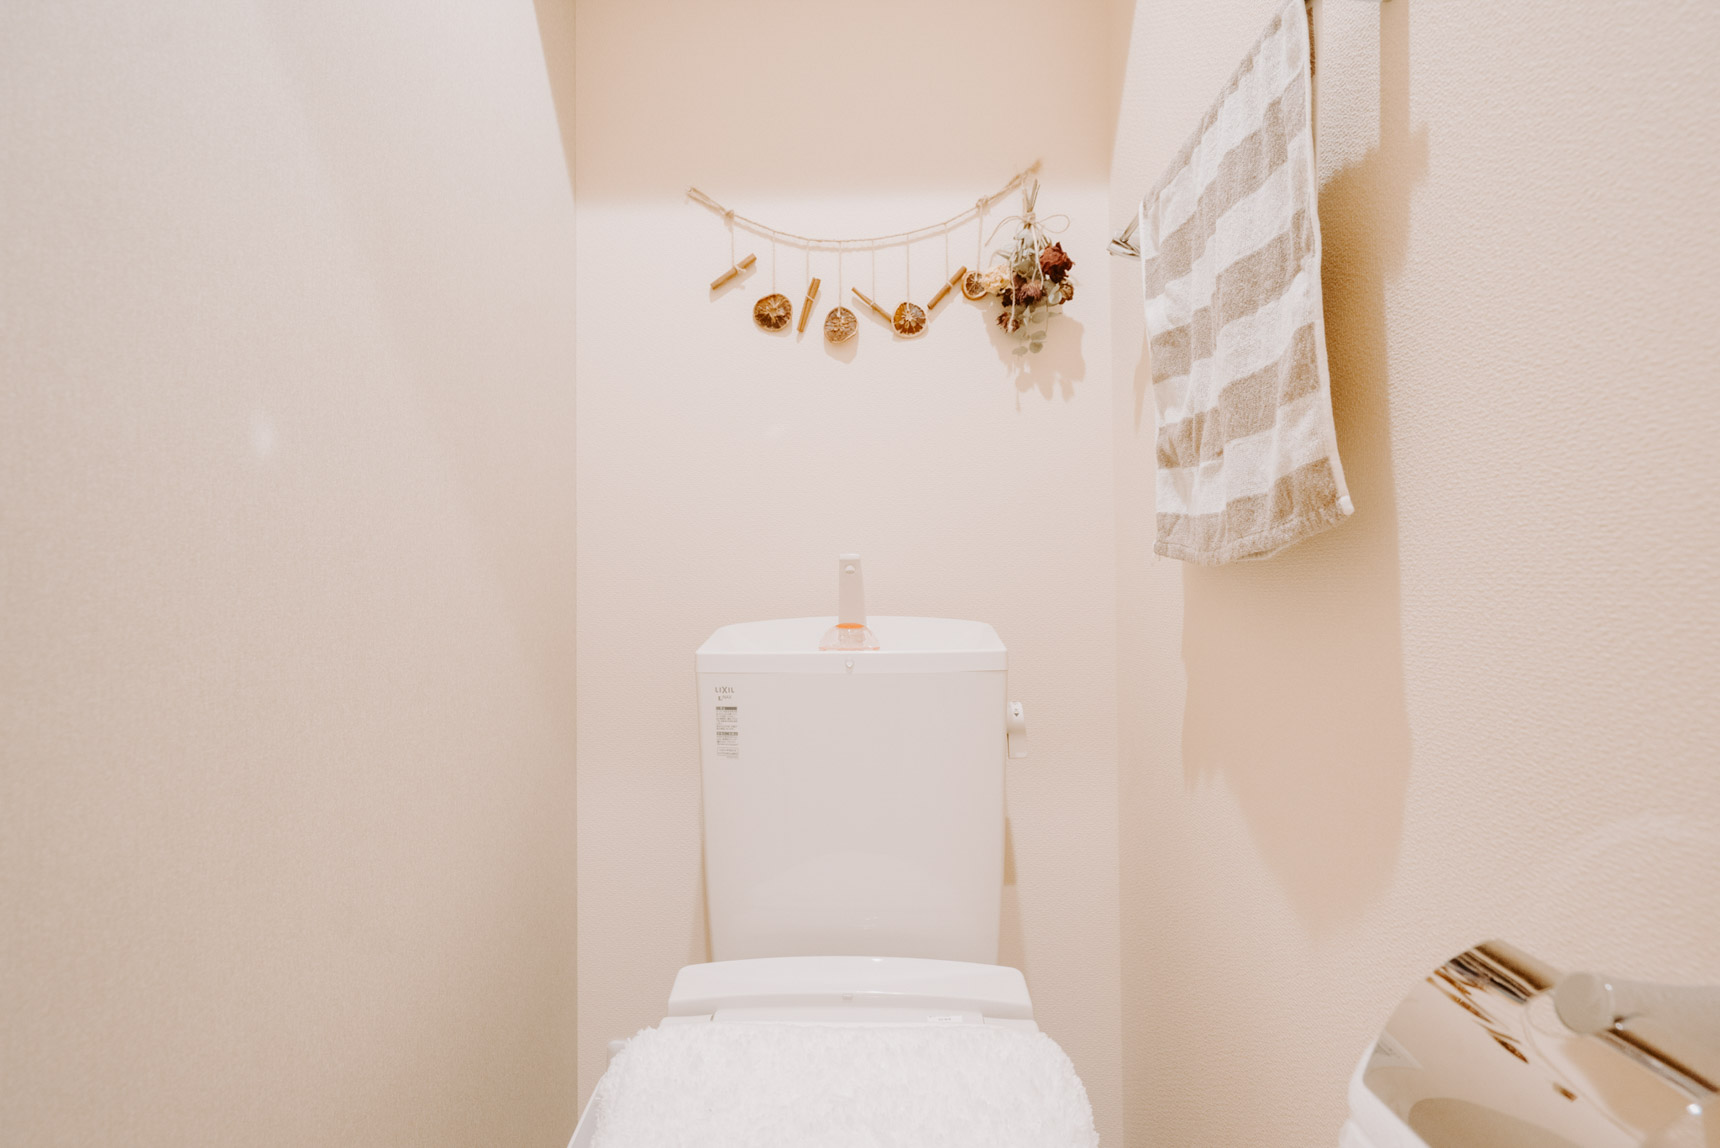 トイレには楽しいドライフラワーの飾りを。こちらも色味の抑えられた落ち着く雰囲気。